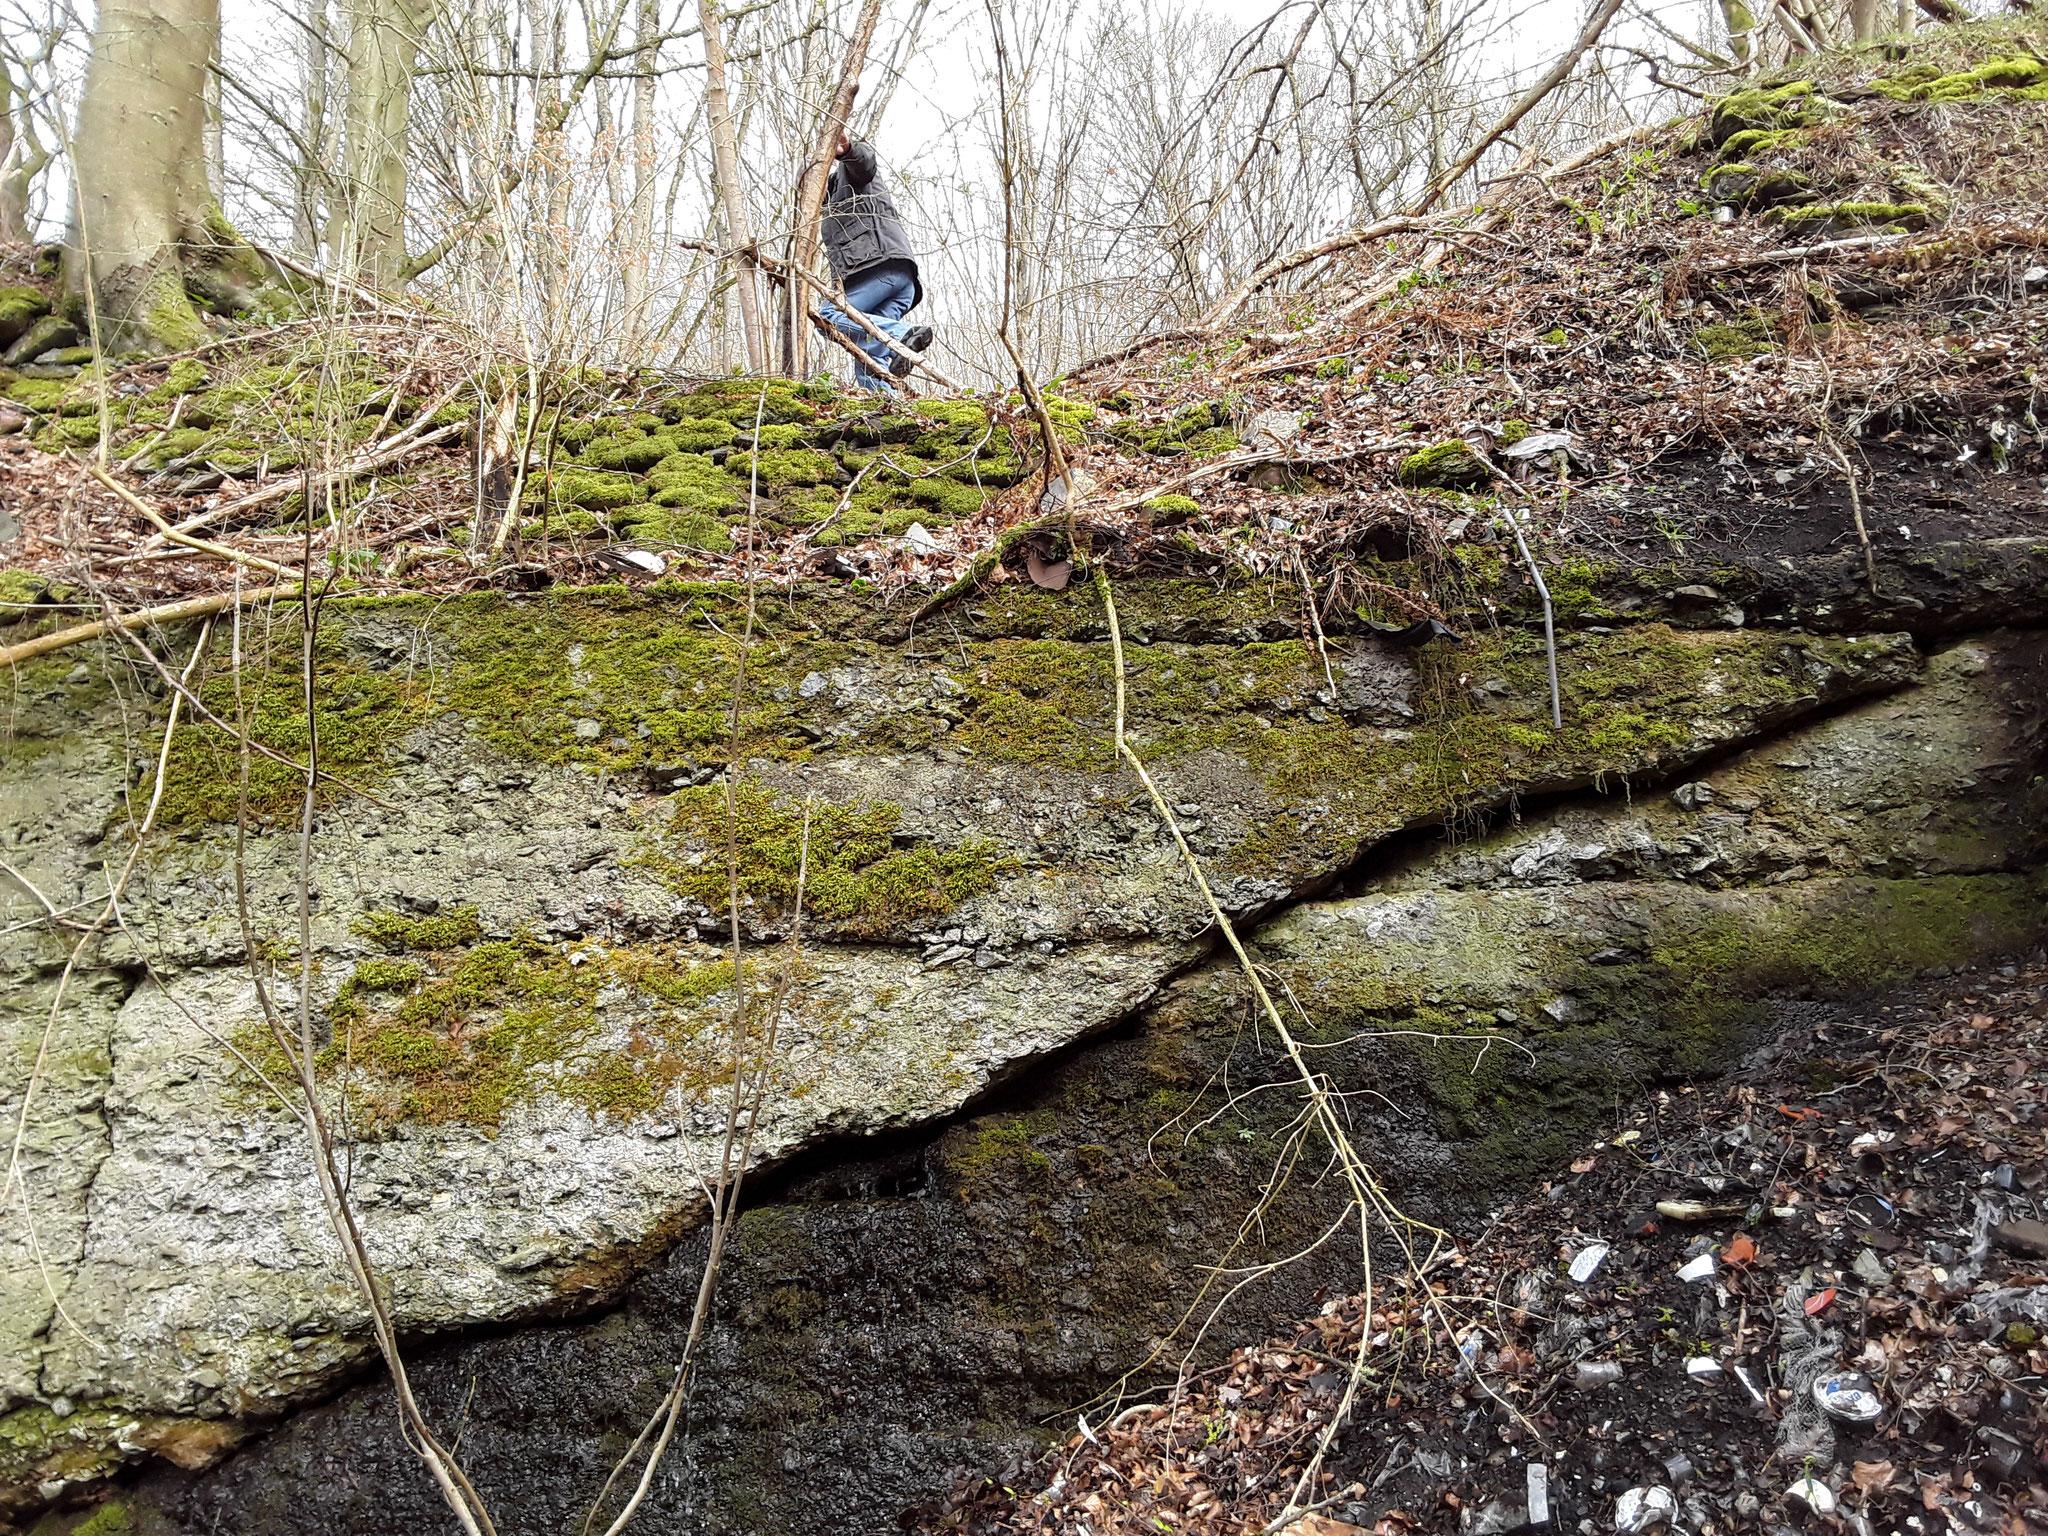 Am Ende des Ladegleises, ein starker Riss in der Stützmauer